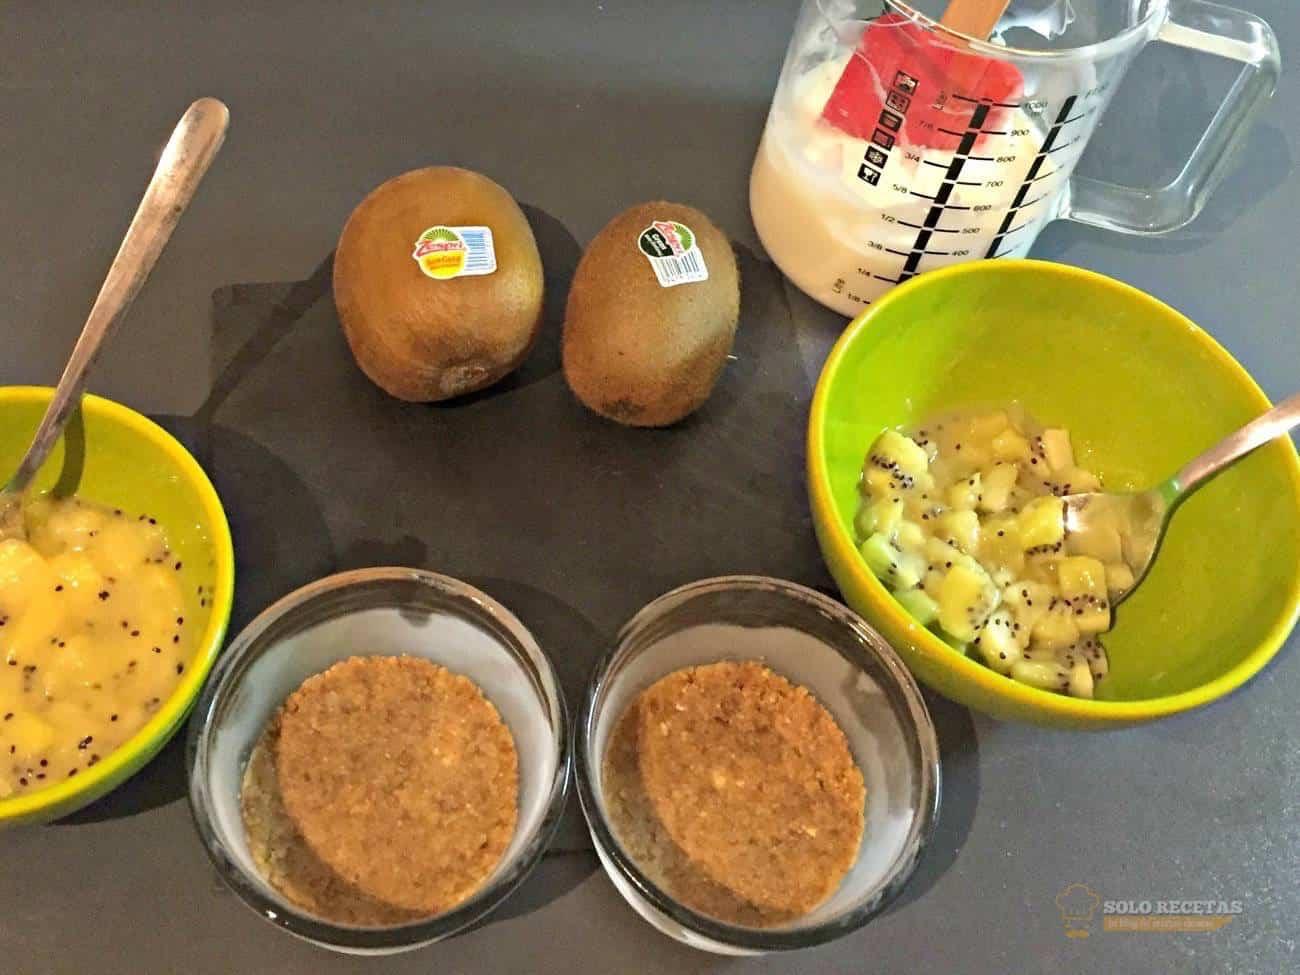 tarta de queso con kiwi - paso 6 - antes de emplatar